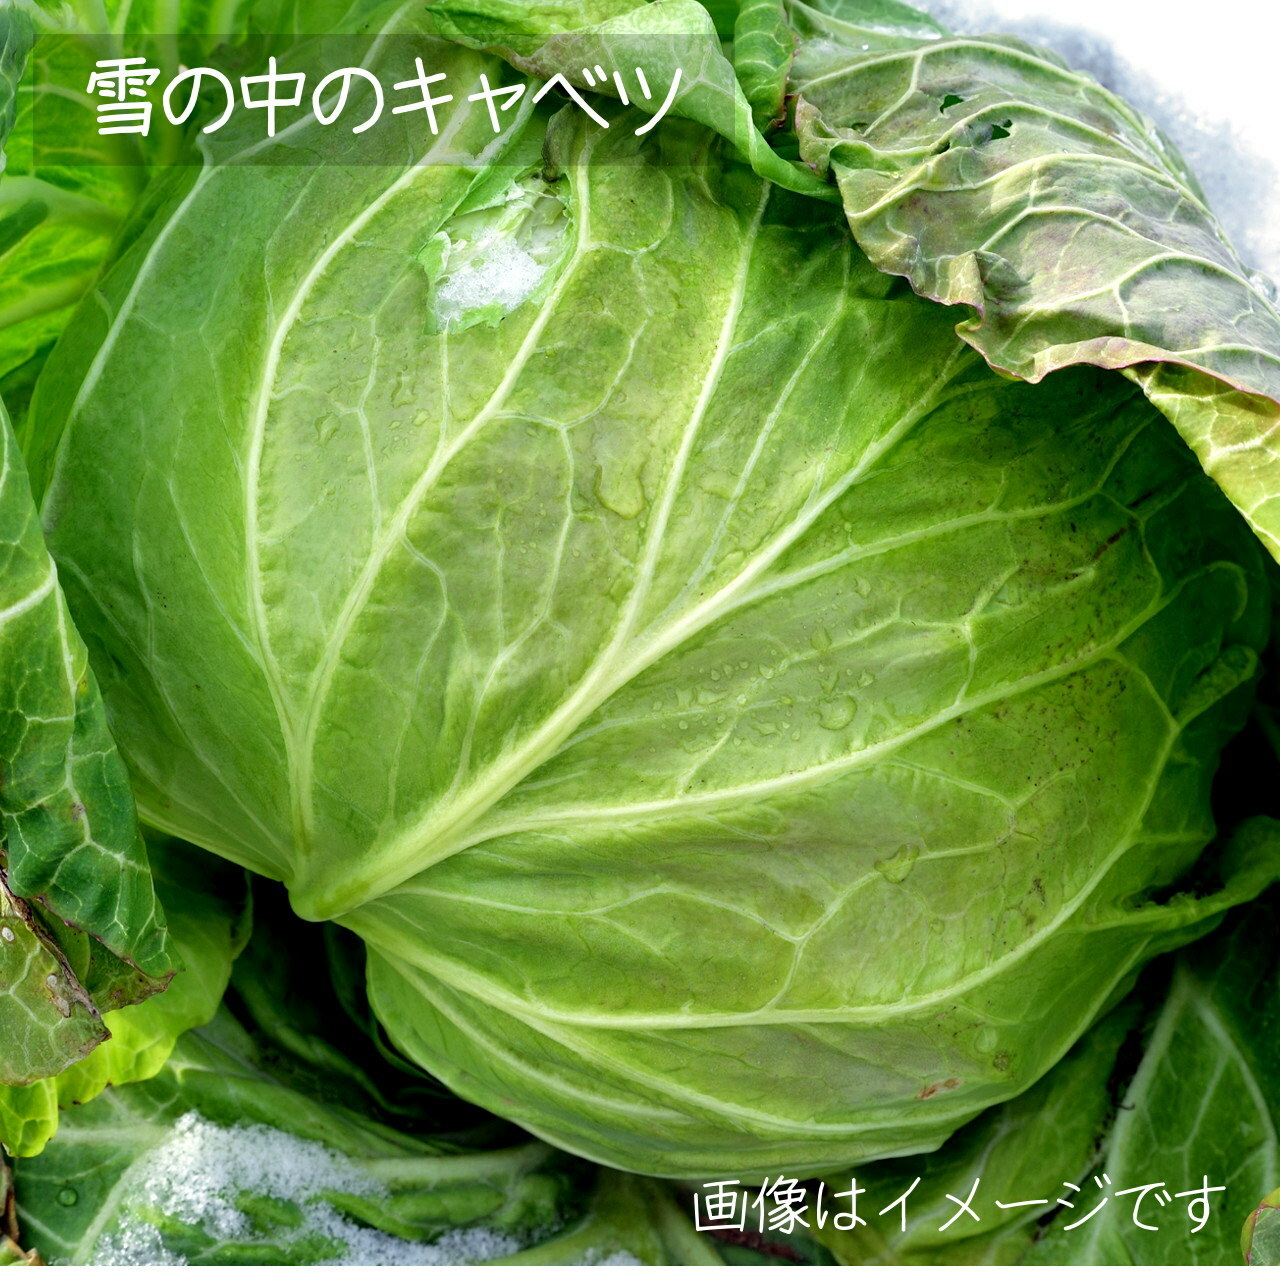 キャベツ 1個 朝採り直売野菜 7月新鮮野菜 7月11日発送予定